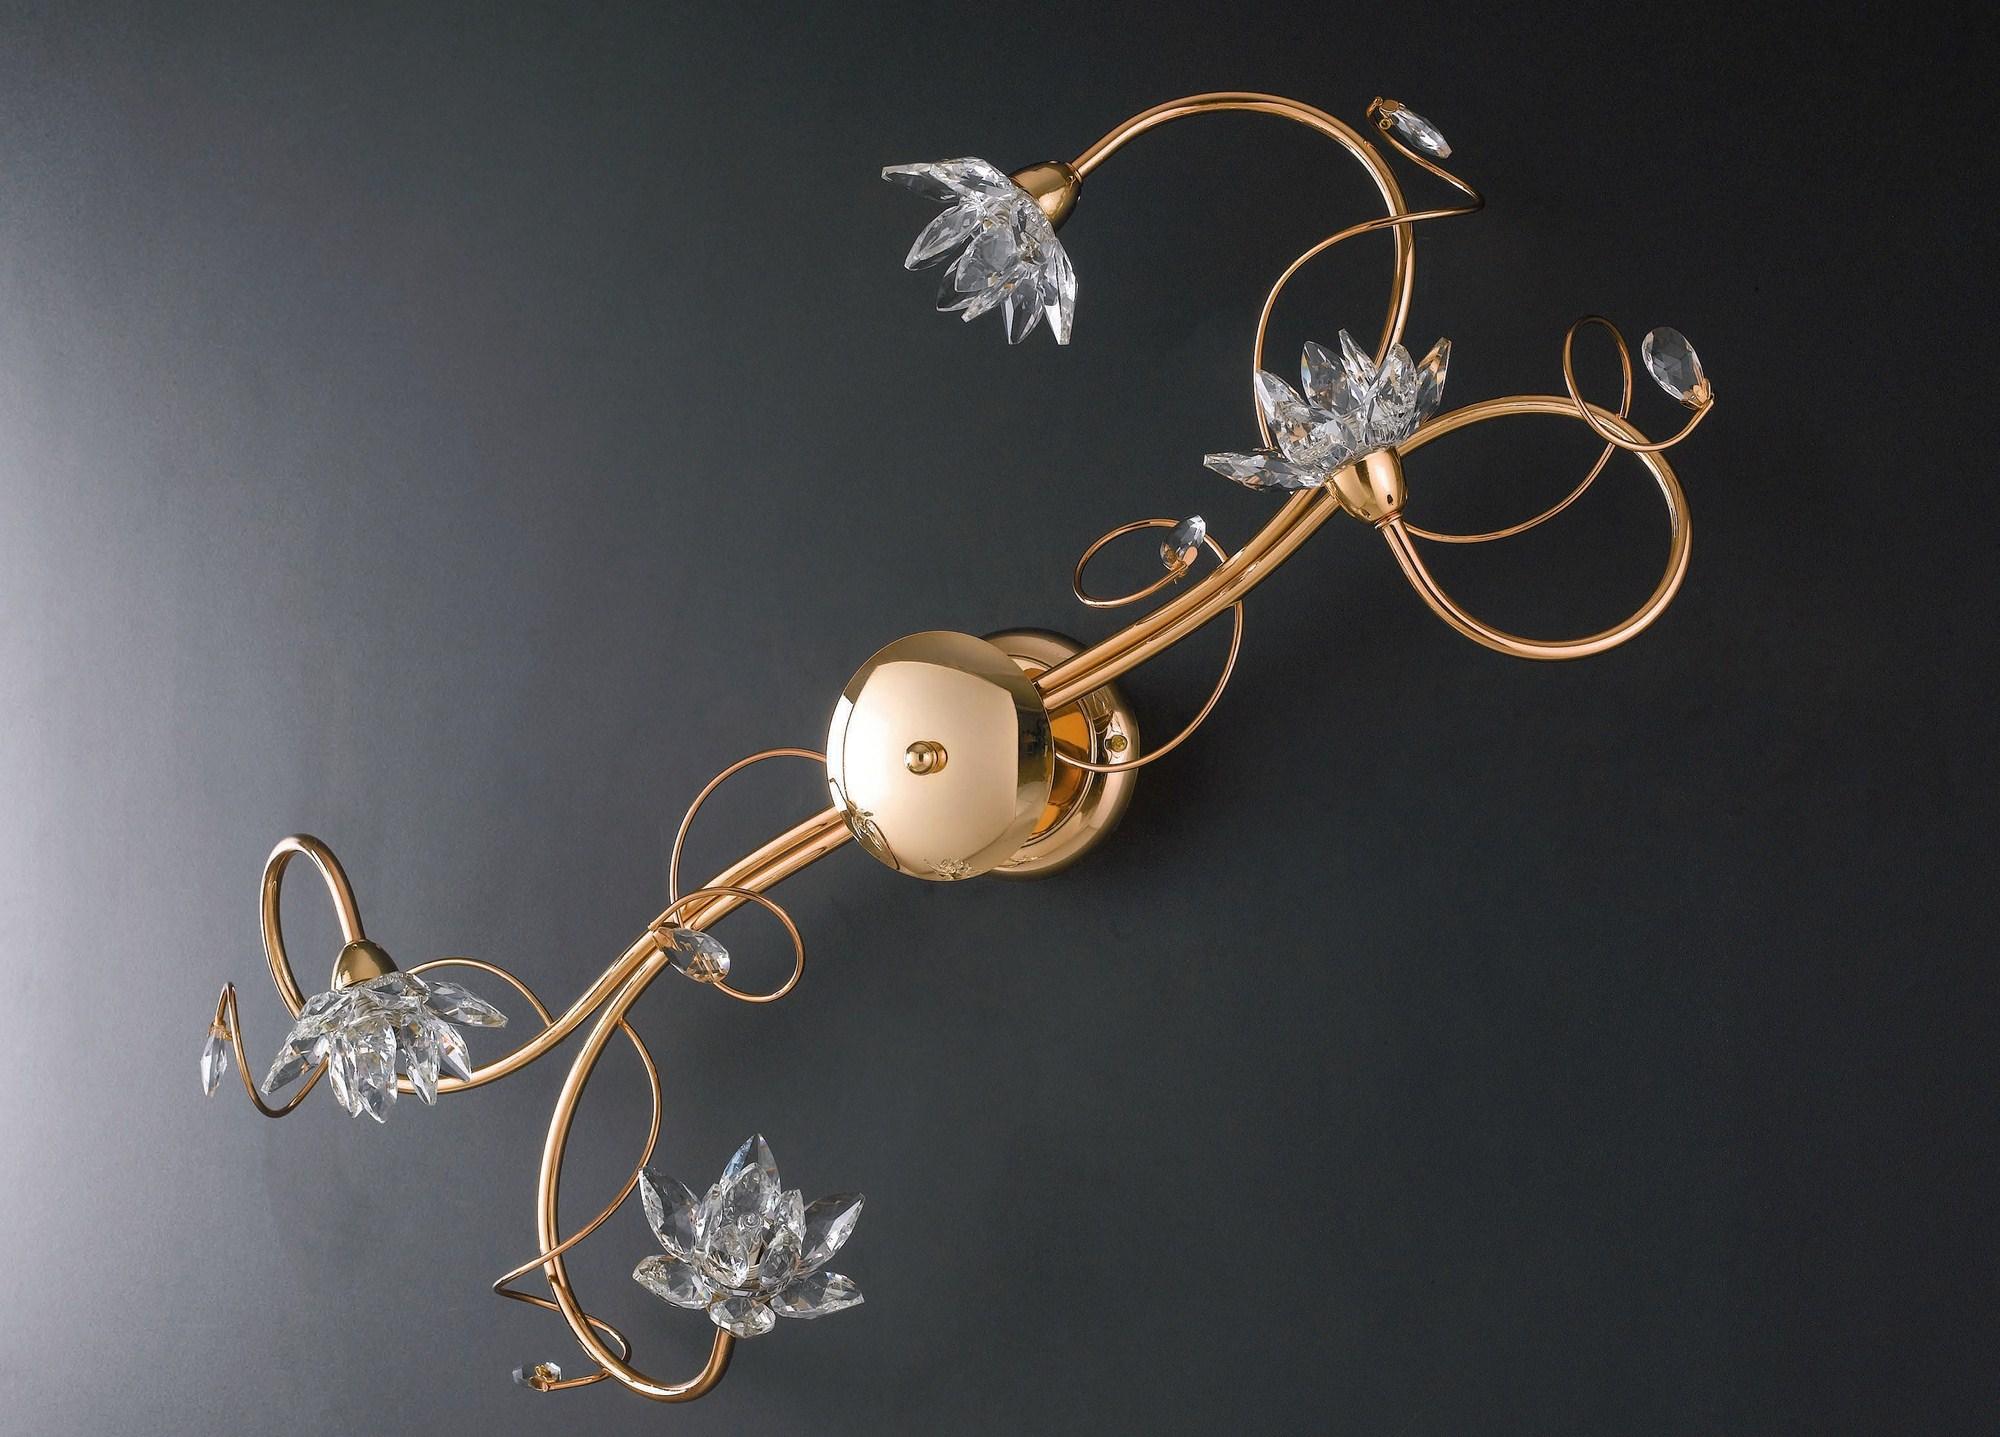 Plafoniere Moderne Con Cristalli : Plafoniera moderna oro con cristalli 4 luci lgt teo pl4 ebay